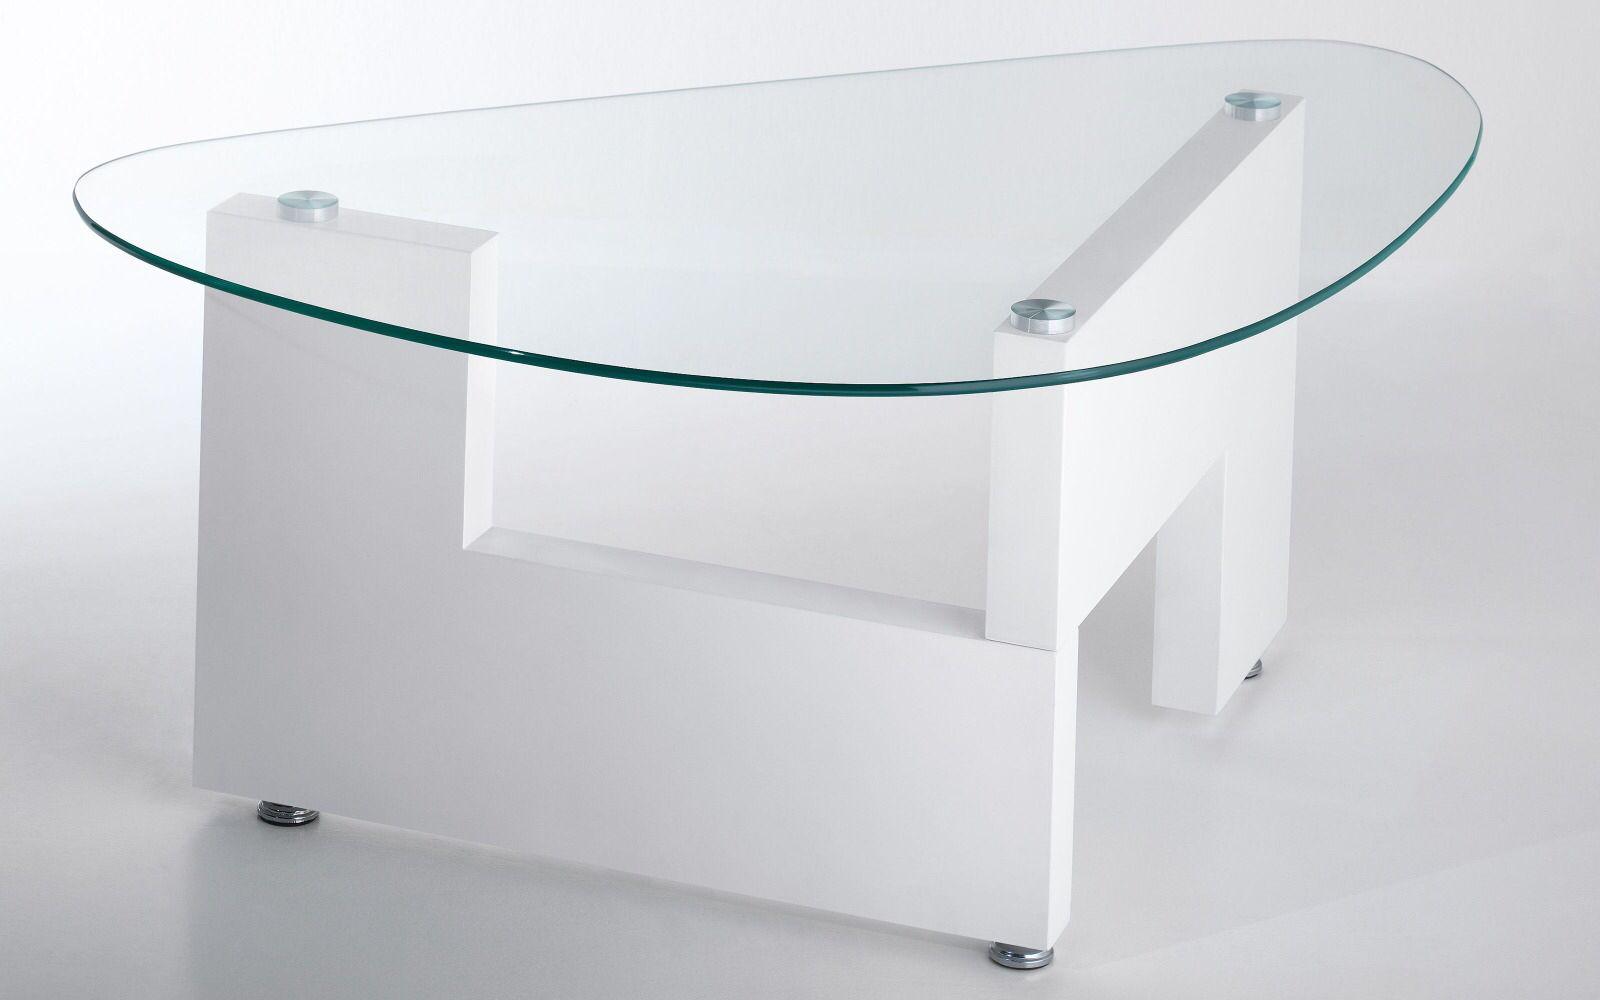 Tavolini - Mondo Convenienza | Scegli il tavolino perfetto ...